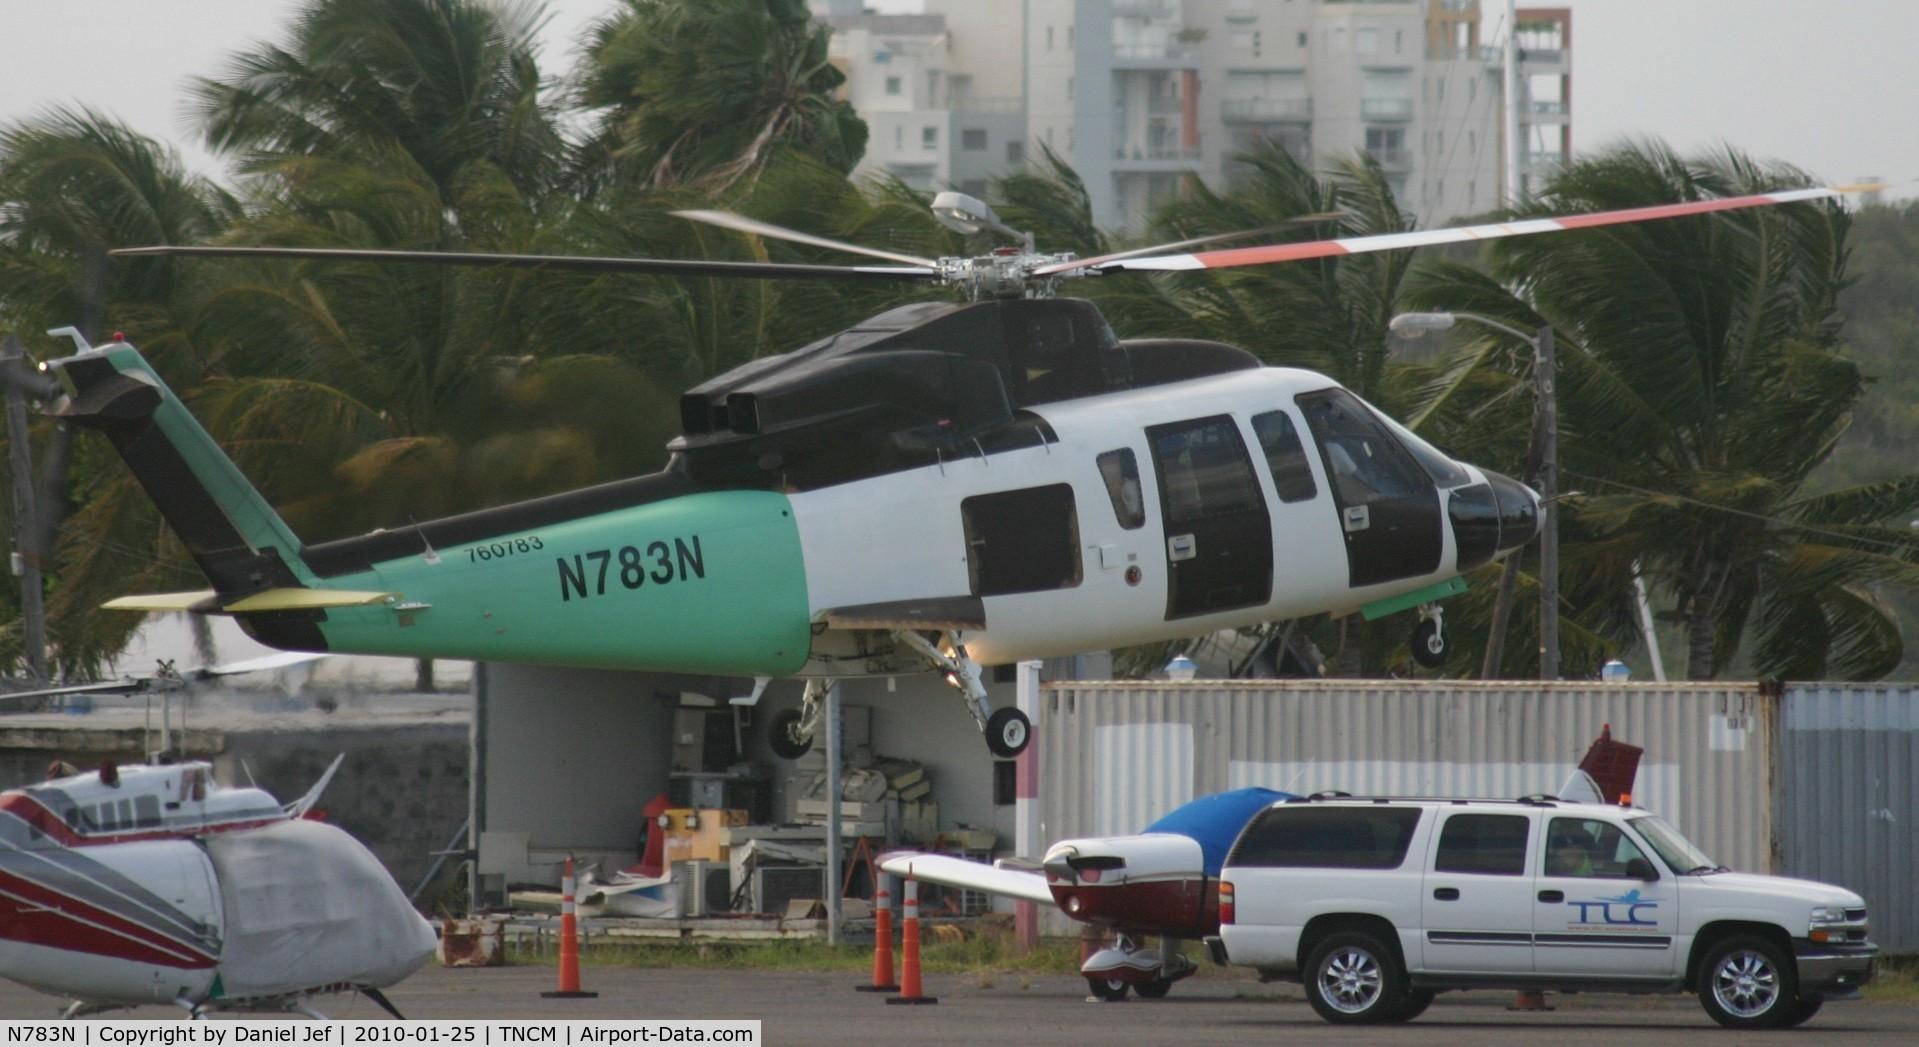 N783N, Sikorsky S-76C C/N 760783, N783N landing at the landing pad with there handlers in sight